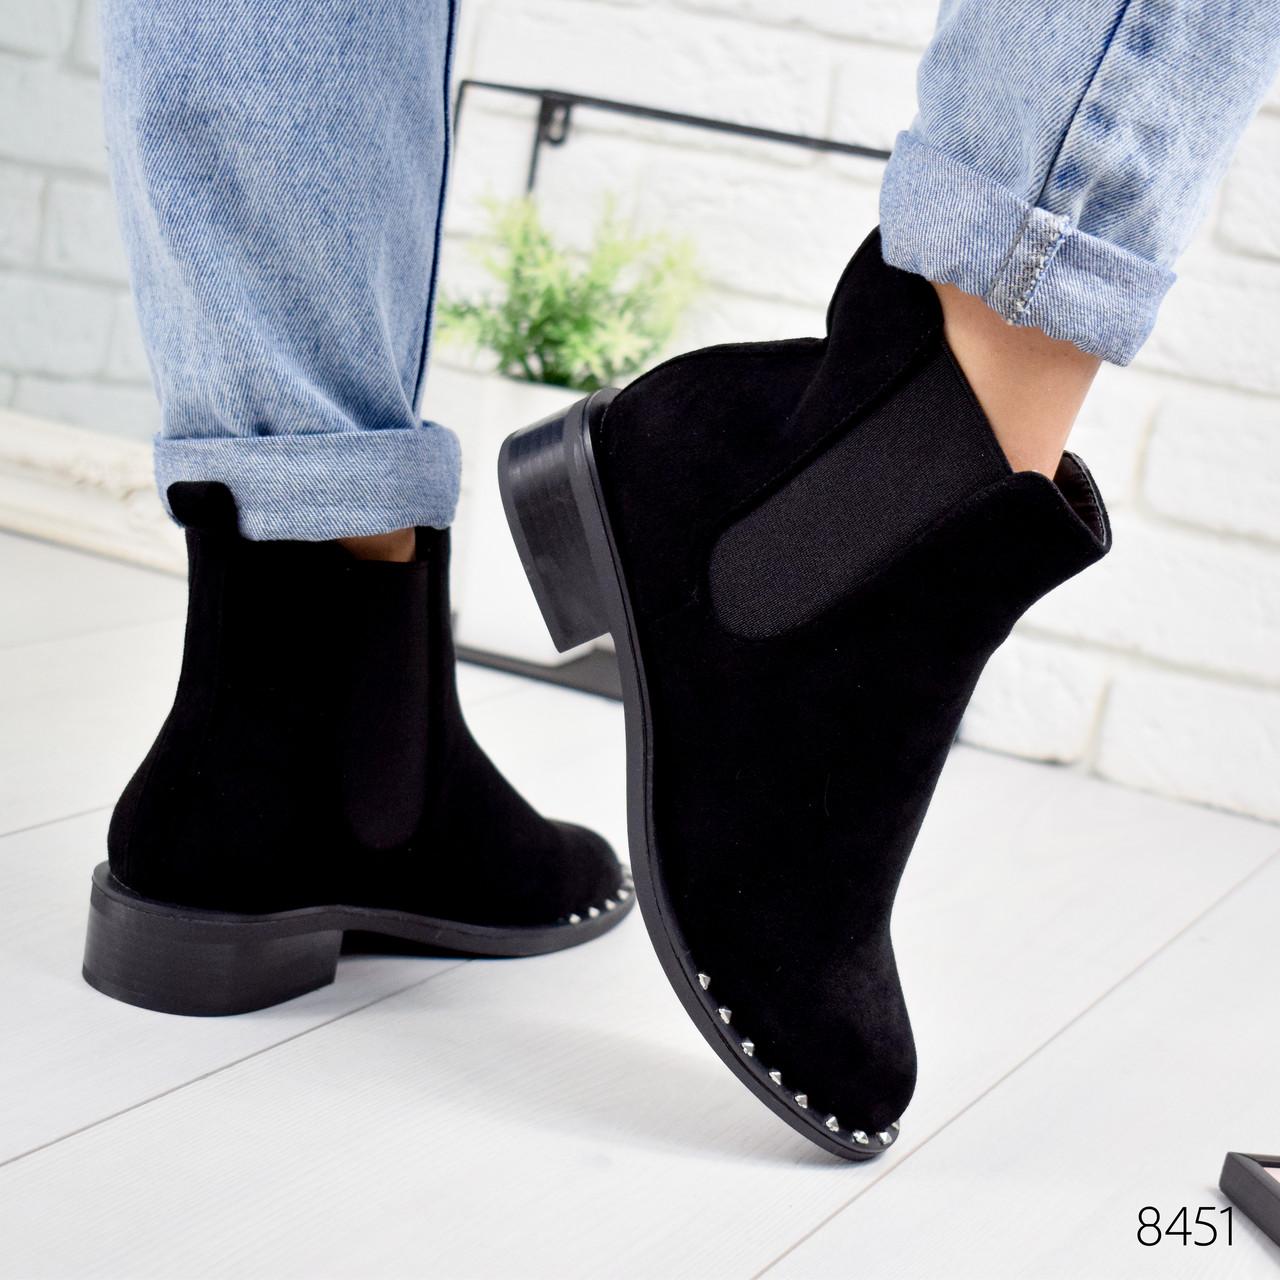 Ботинки женские Nicole черные 8451